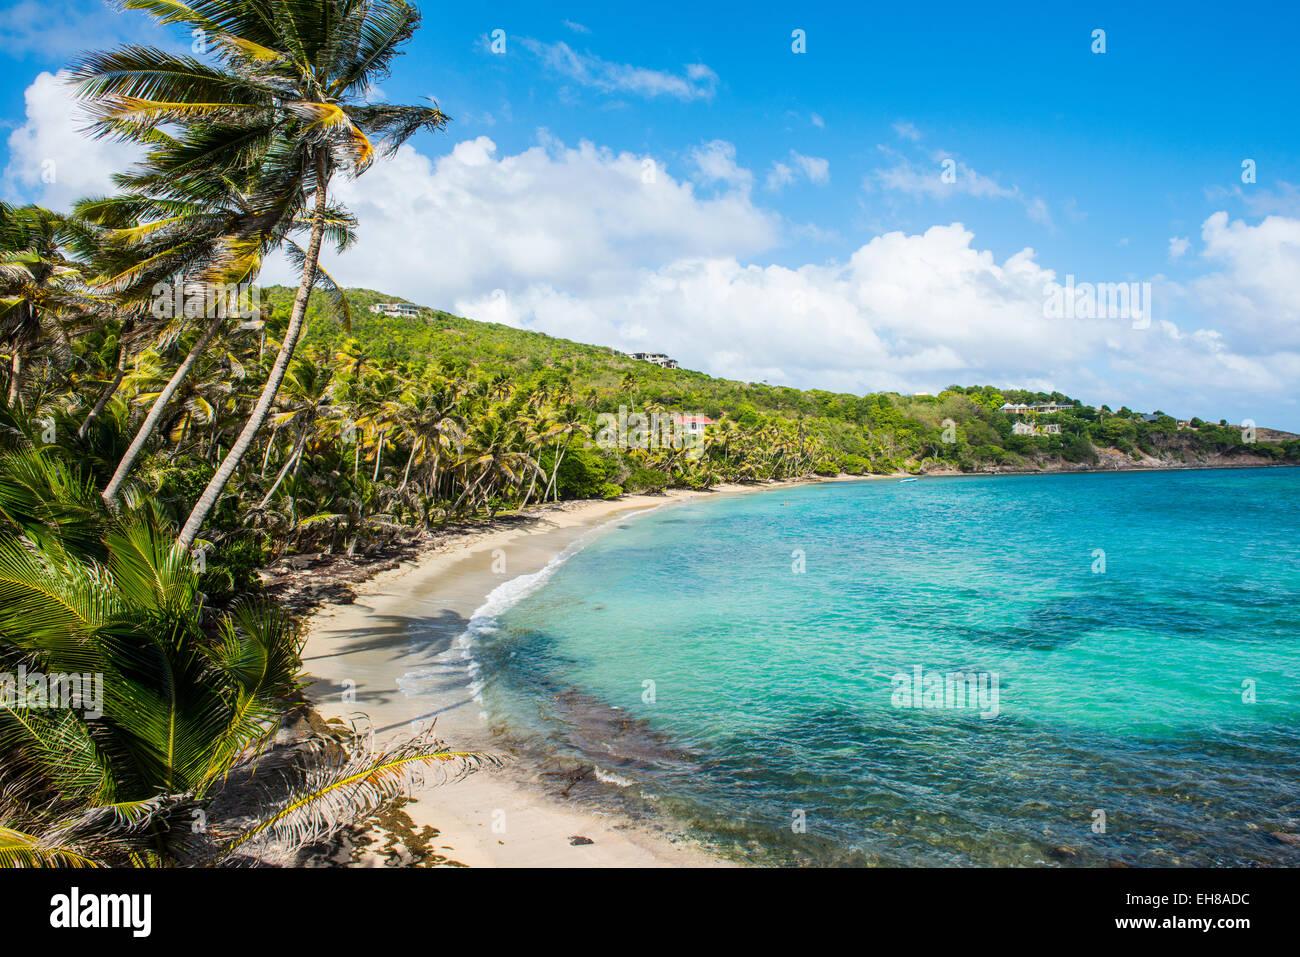 Plage de sable fin sur la baie de l'industrie, Bequia, les Grenadines, Saint Vincent et les Grenadines, îles Photo Stock